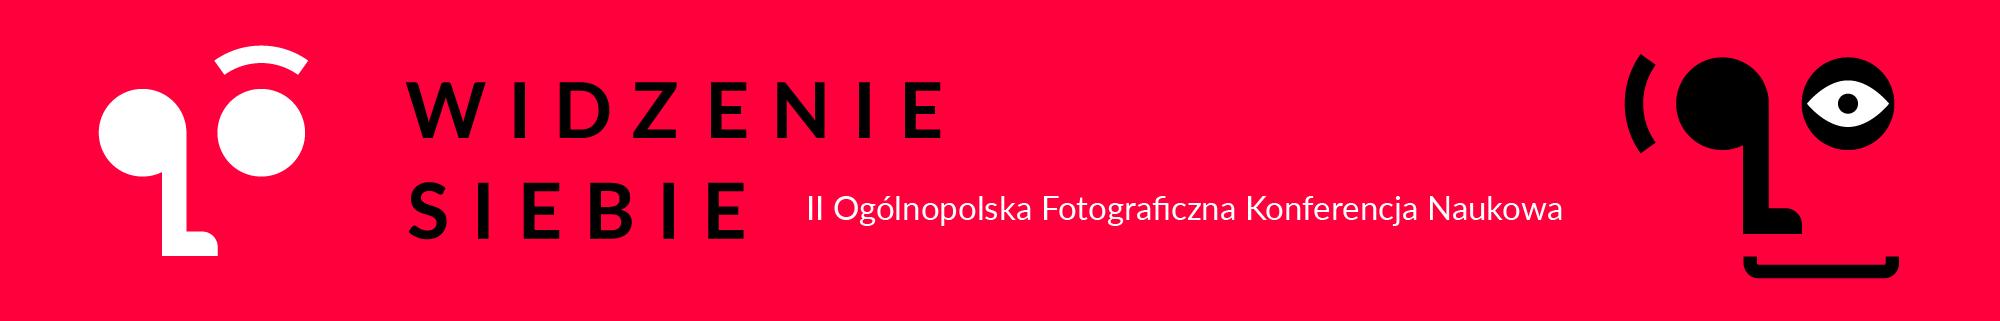 WIDZENIE SIEBIE II OGÓLNOPOLSKA FOTOGRAFICZNA KONFERENCJA NAUKOWA